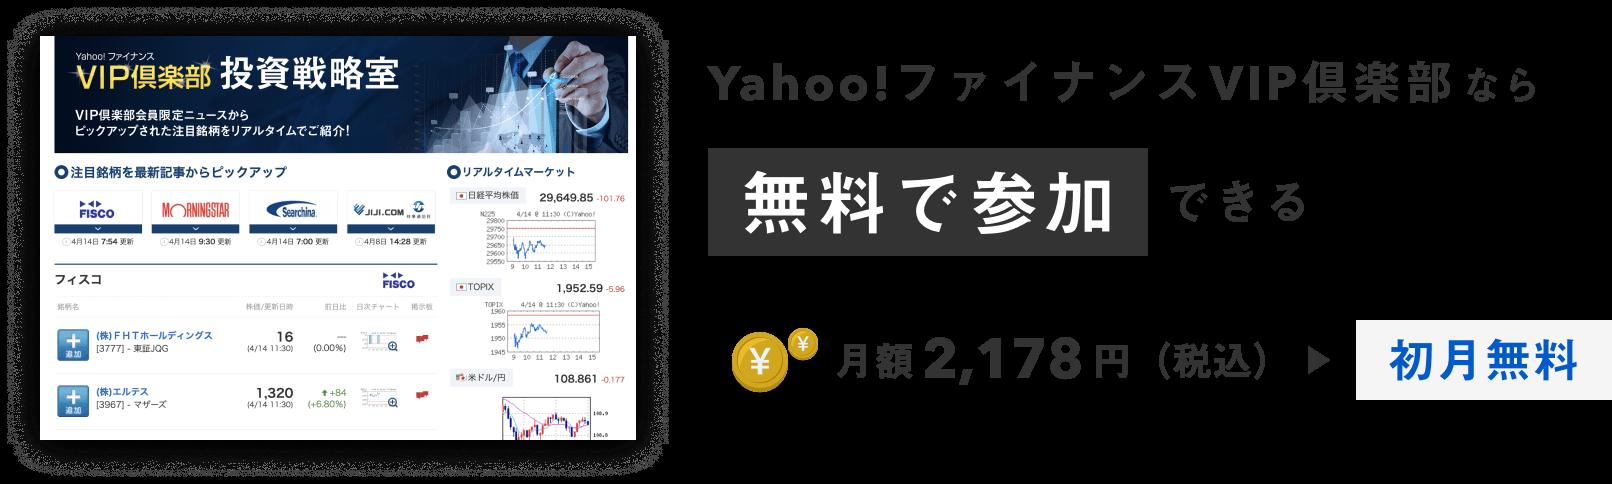 Yahoo!ファイナンスVIP倶楽部なら無料で参加できる 月額2,178円(税込)初月無料